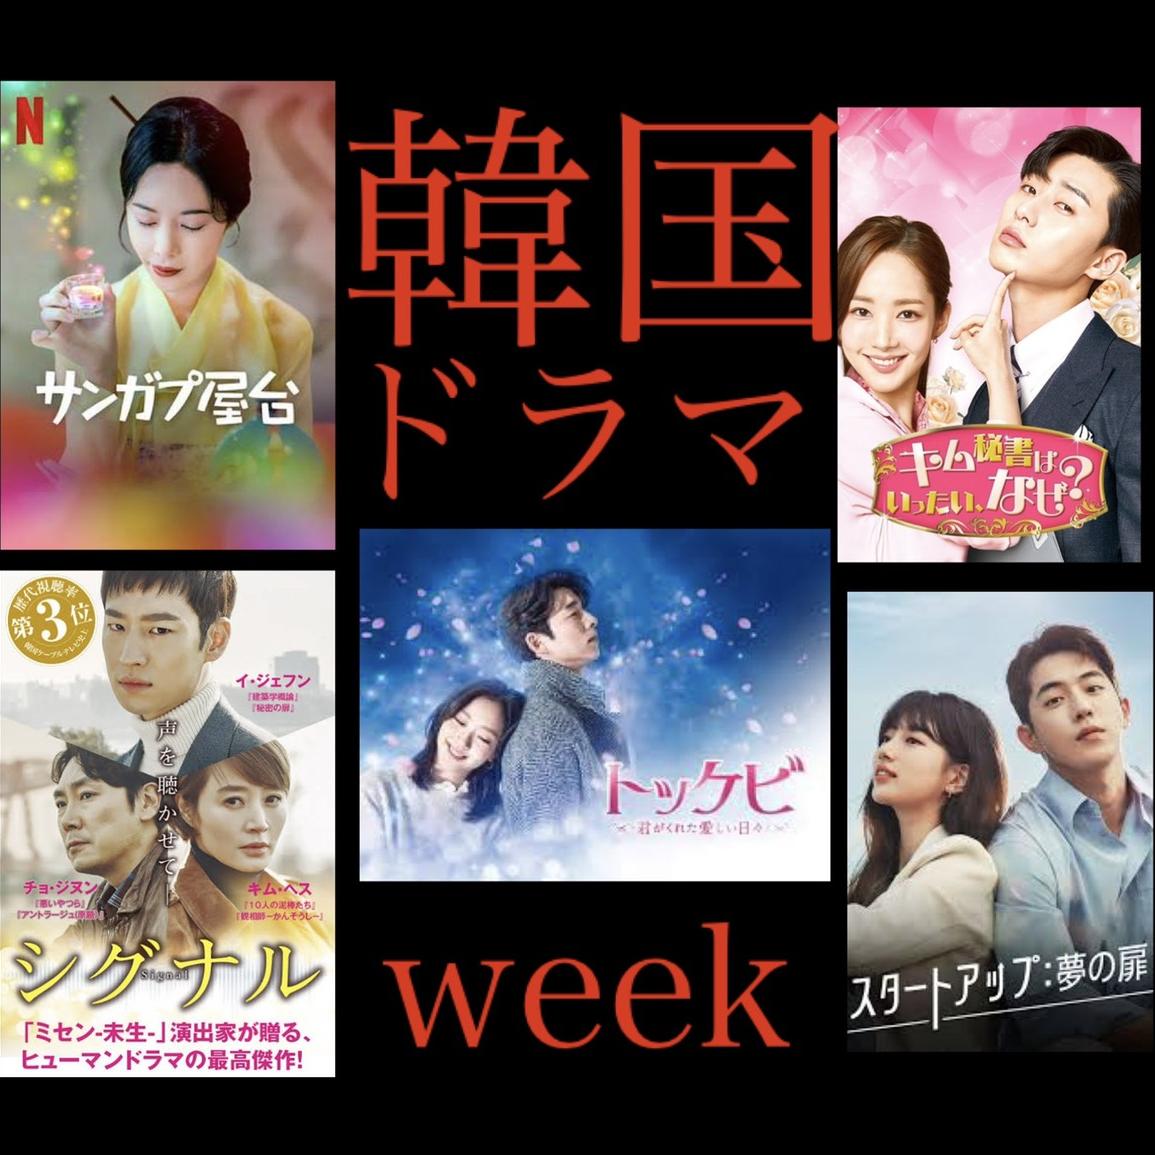 ゲイと女と「サンガプ屋台」韓国ドラマWEEK (1/5)